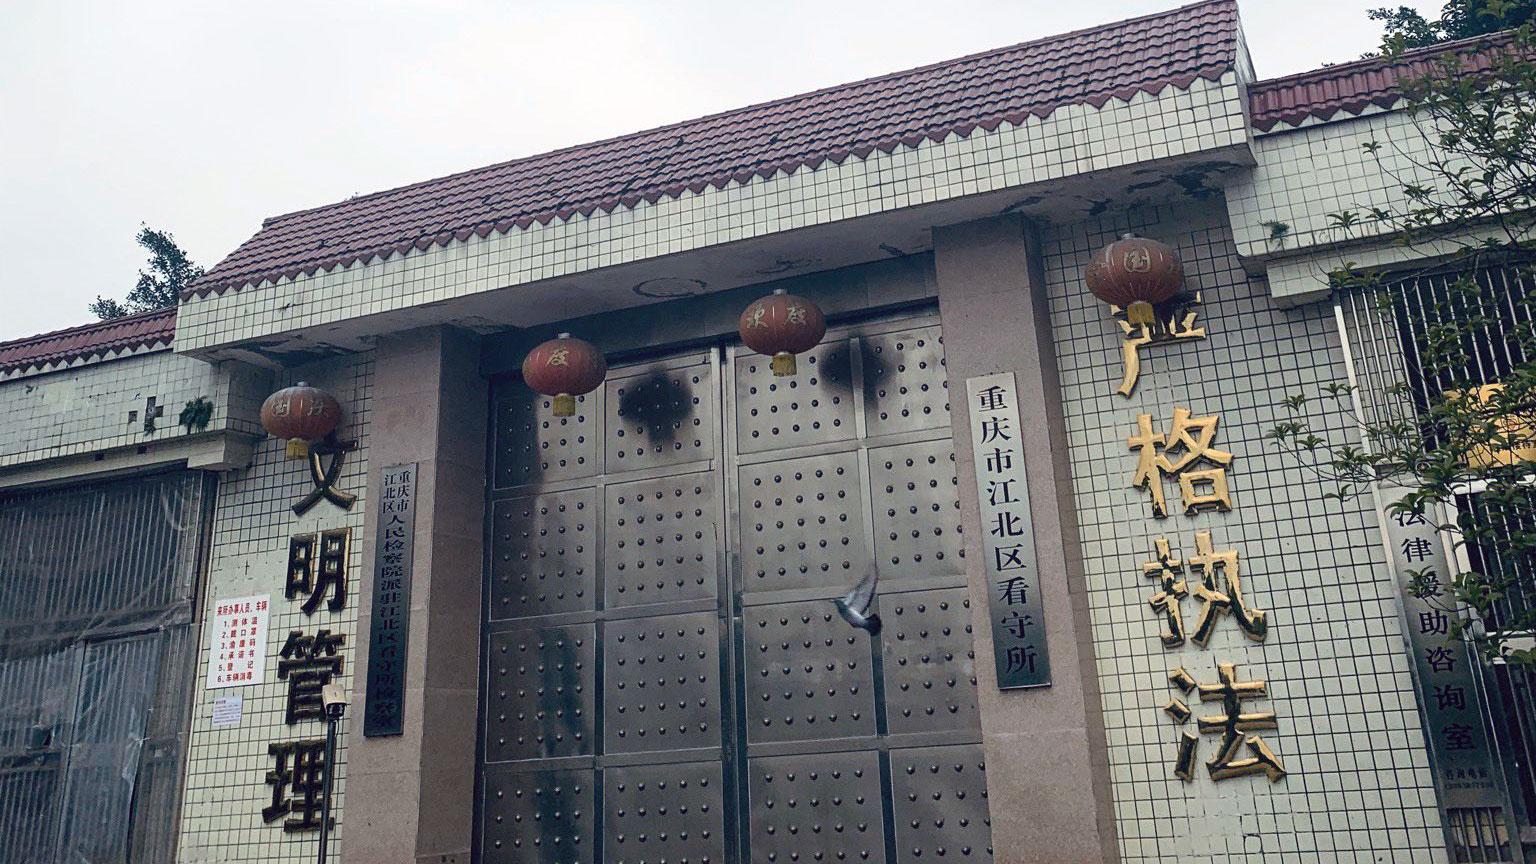 目前李懷慶羈押在重慶江北區看守所。(包豔推特圖片)